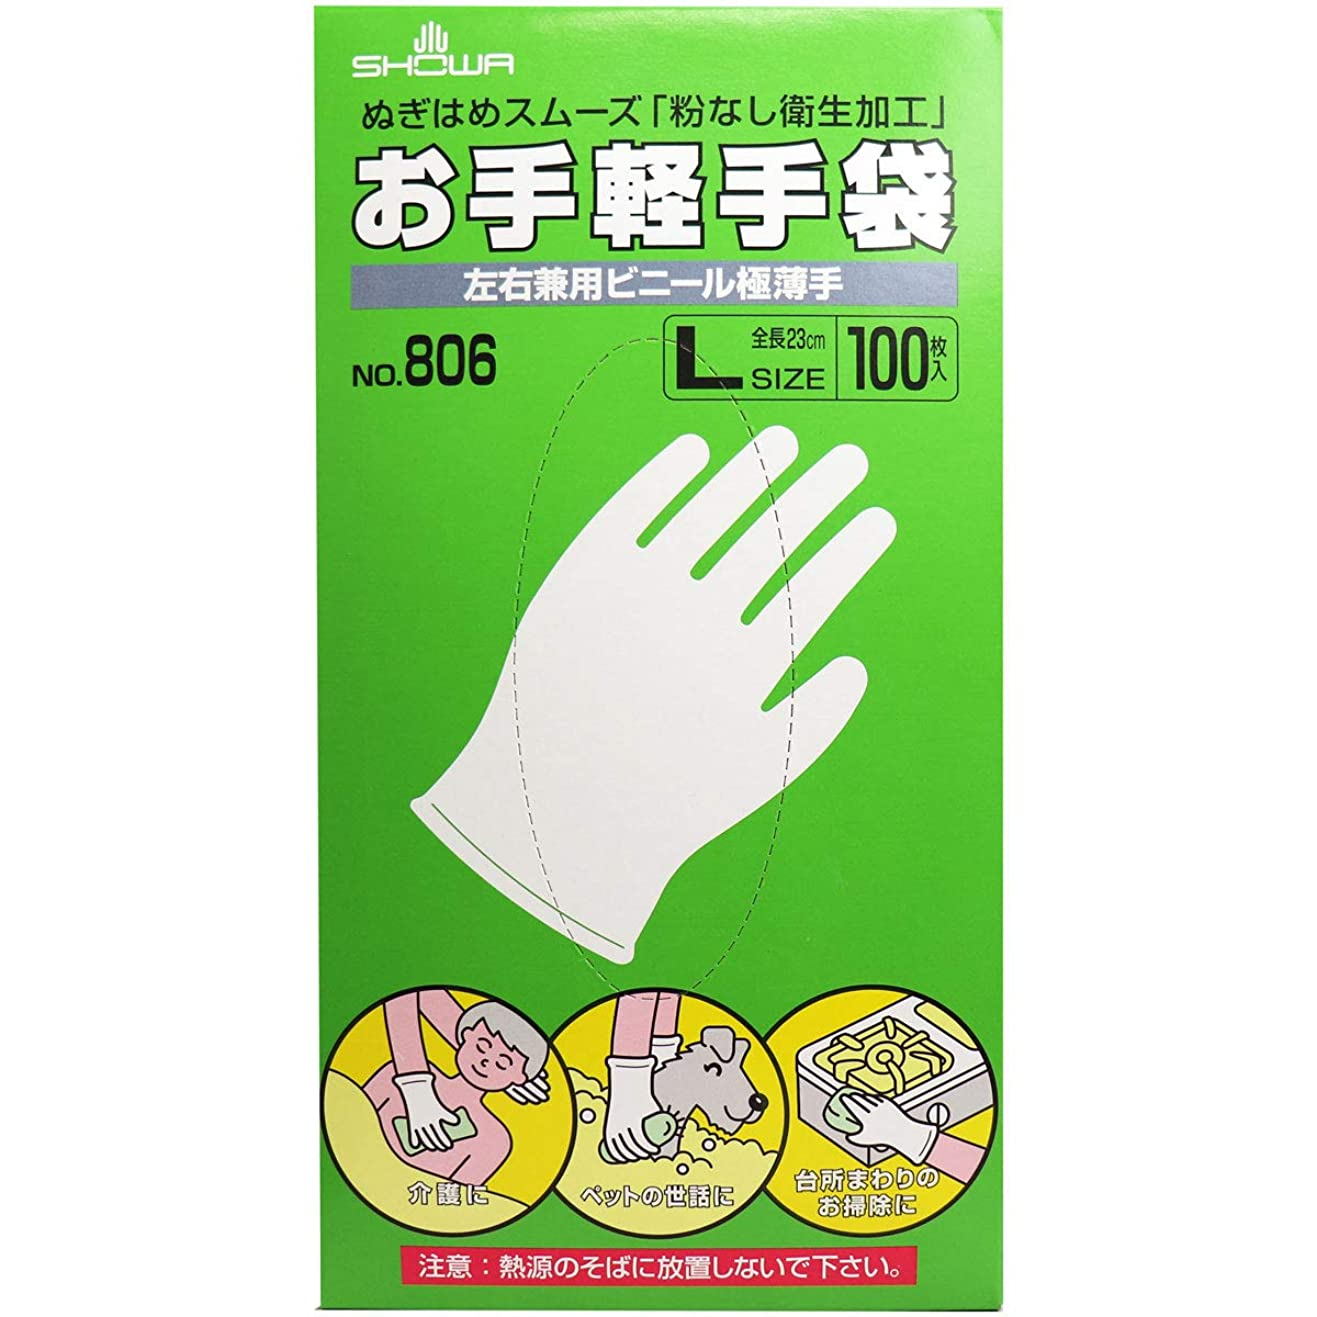 橋脚玉保持するお手軽手袋 No.806 左右兼用ビニール極薄手 粉なし Lサイズ 100枚入×5個セット